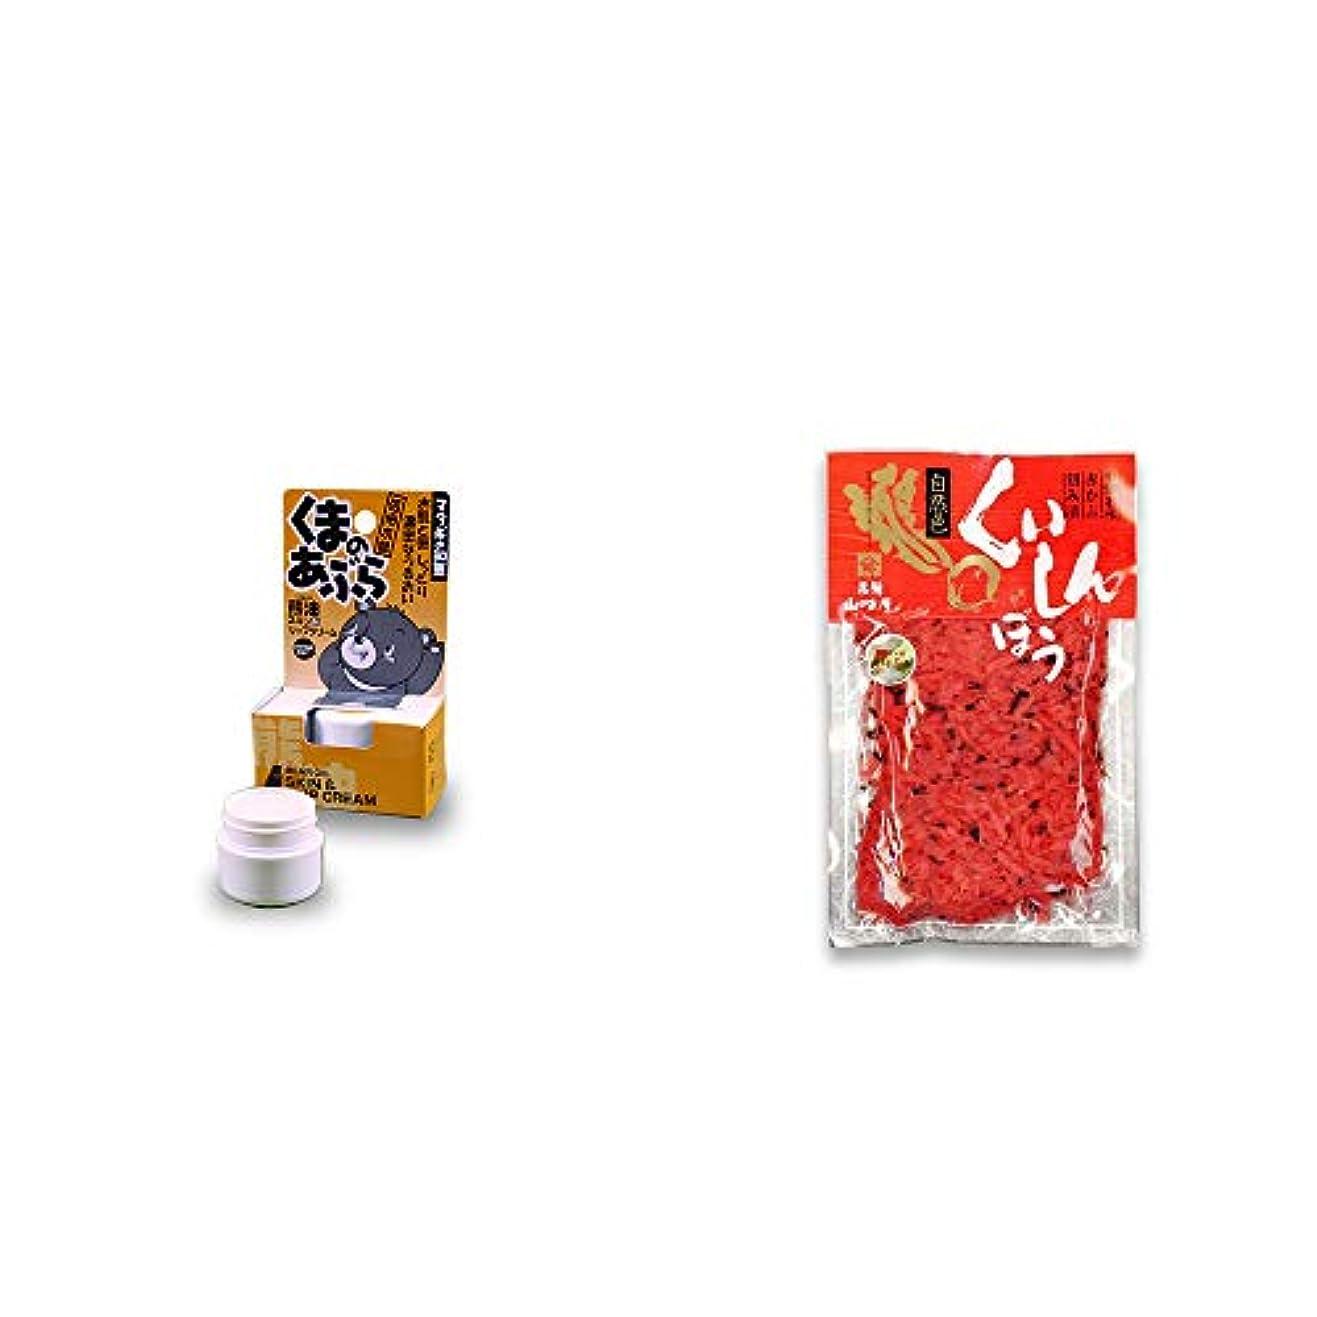 バズ引き付ける困惑する[2点セット] 信州木曽 くまのあぶら 熊油スキン&リップクリーム(9g)?飛騨山味屋 くいしんぼう【小】 (160g)